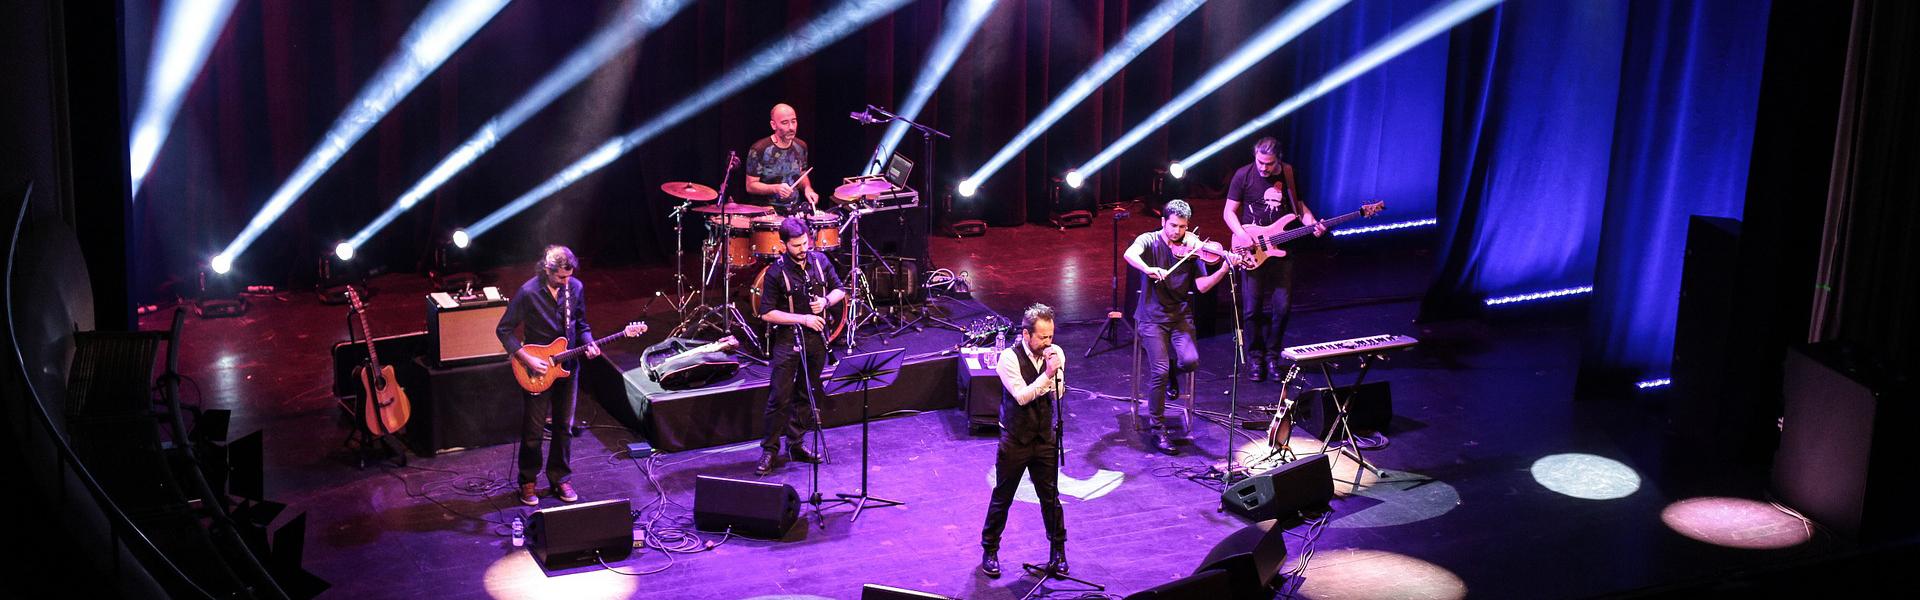 Man kan spille på meget – også på Eurovision